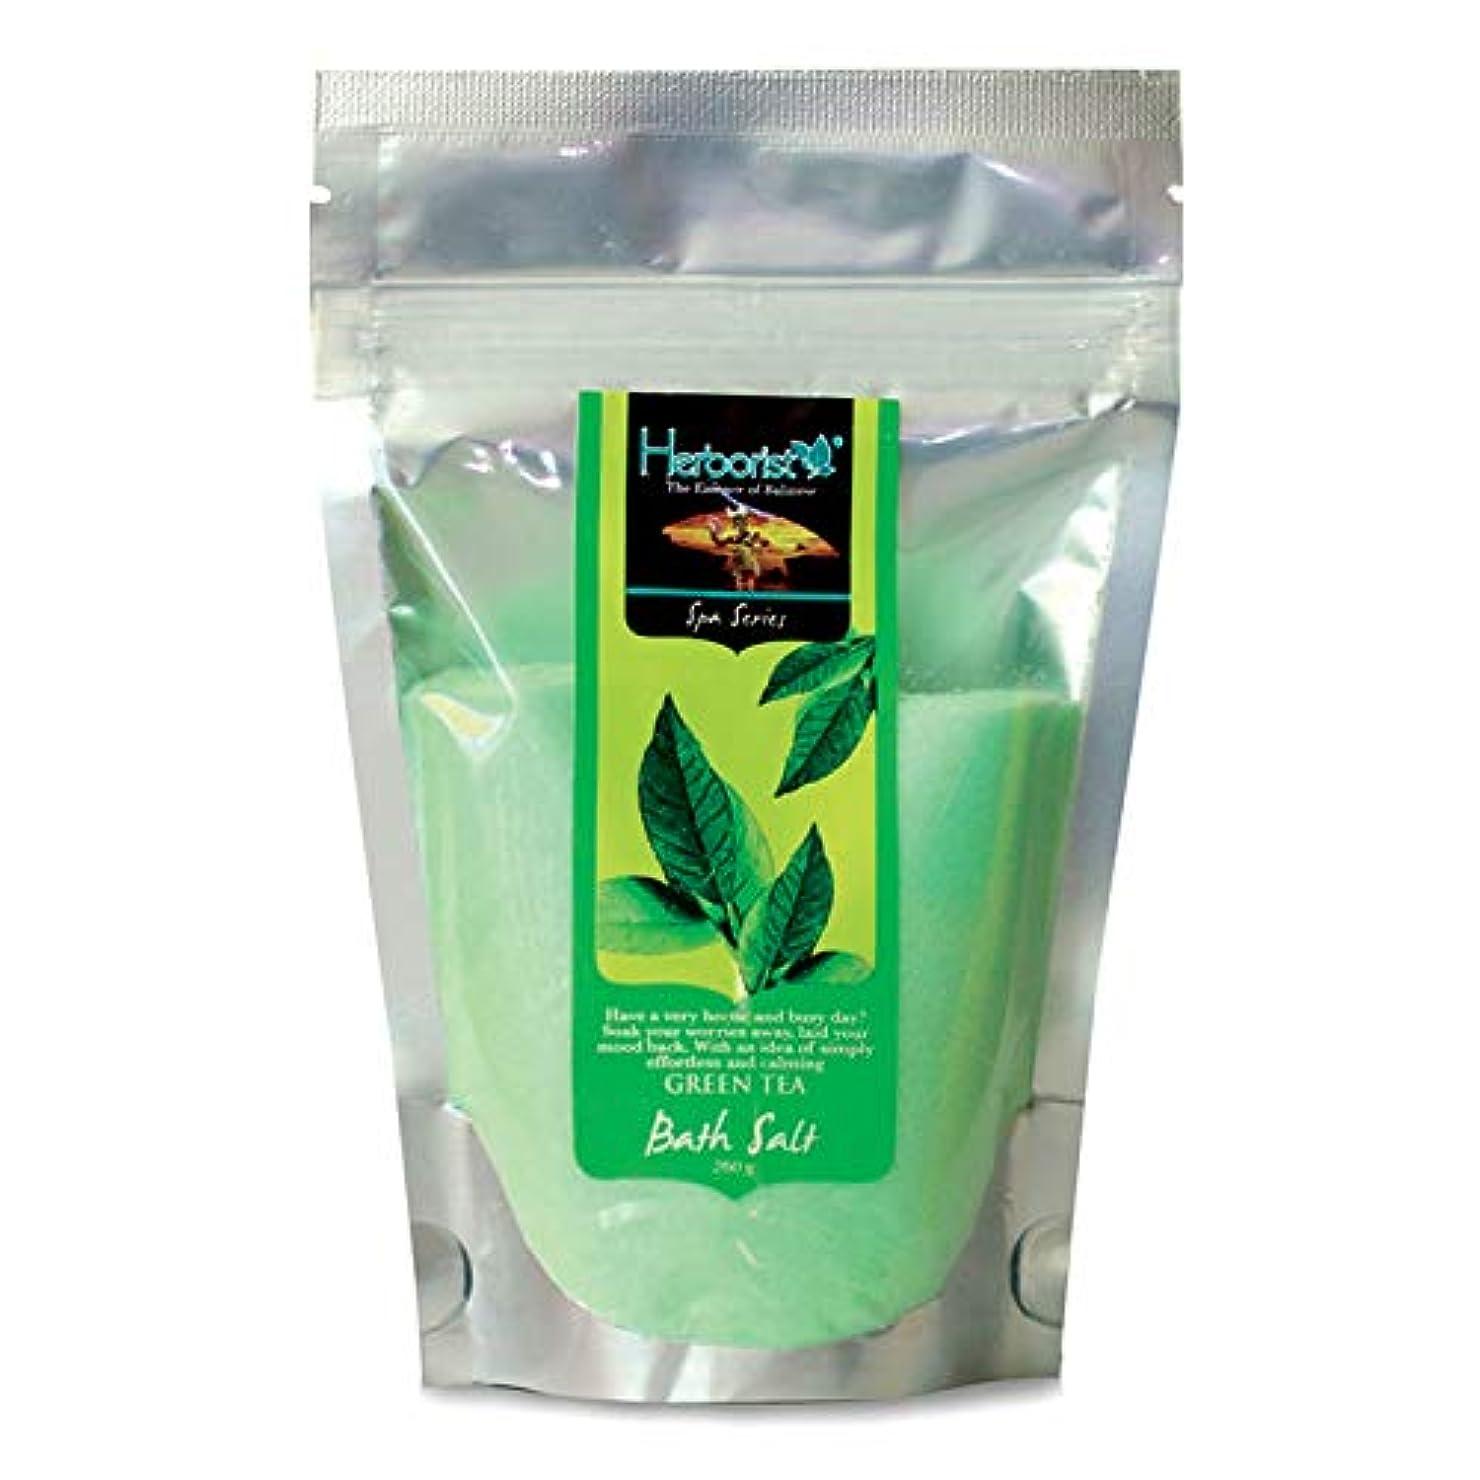 ジュースひいきにする発火するHerborist ハーボリスト Bath Salt バスソルト バリ島の香り漂う入浴剤 250g Green Tea グリーンティー [海外直送品]